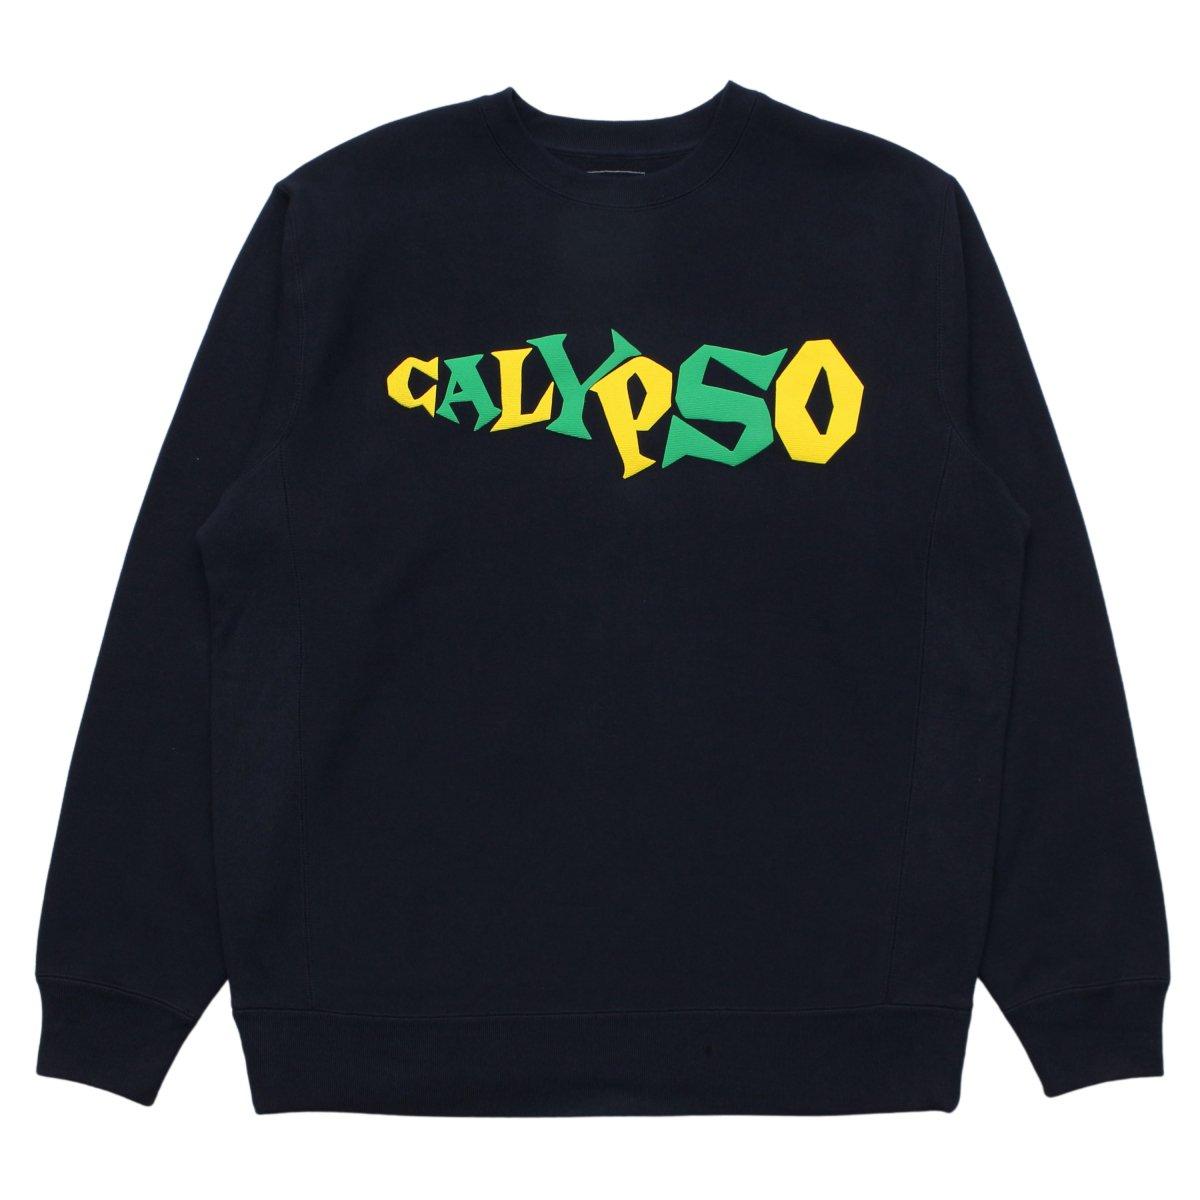 CALYPSO CREW